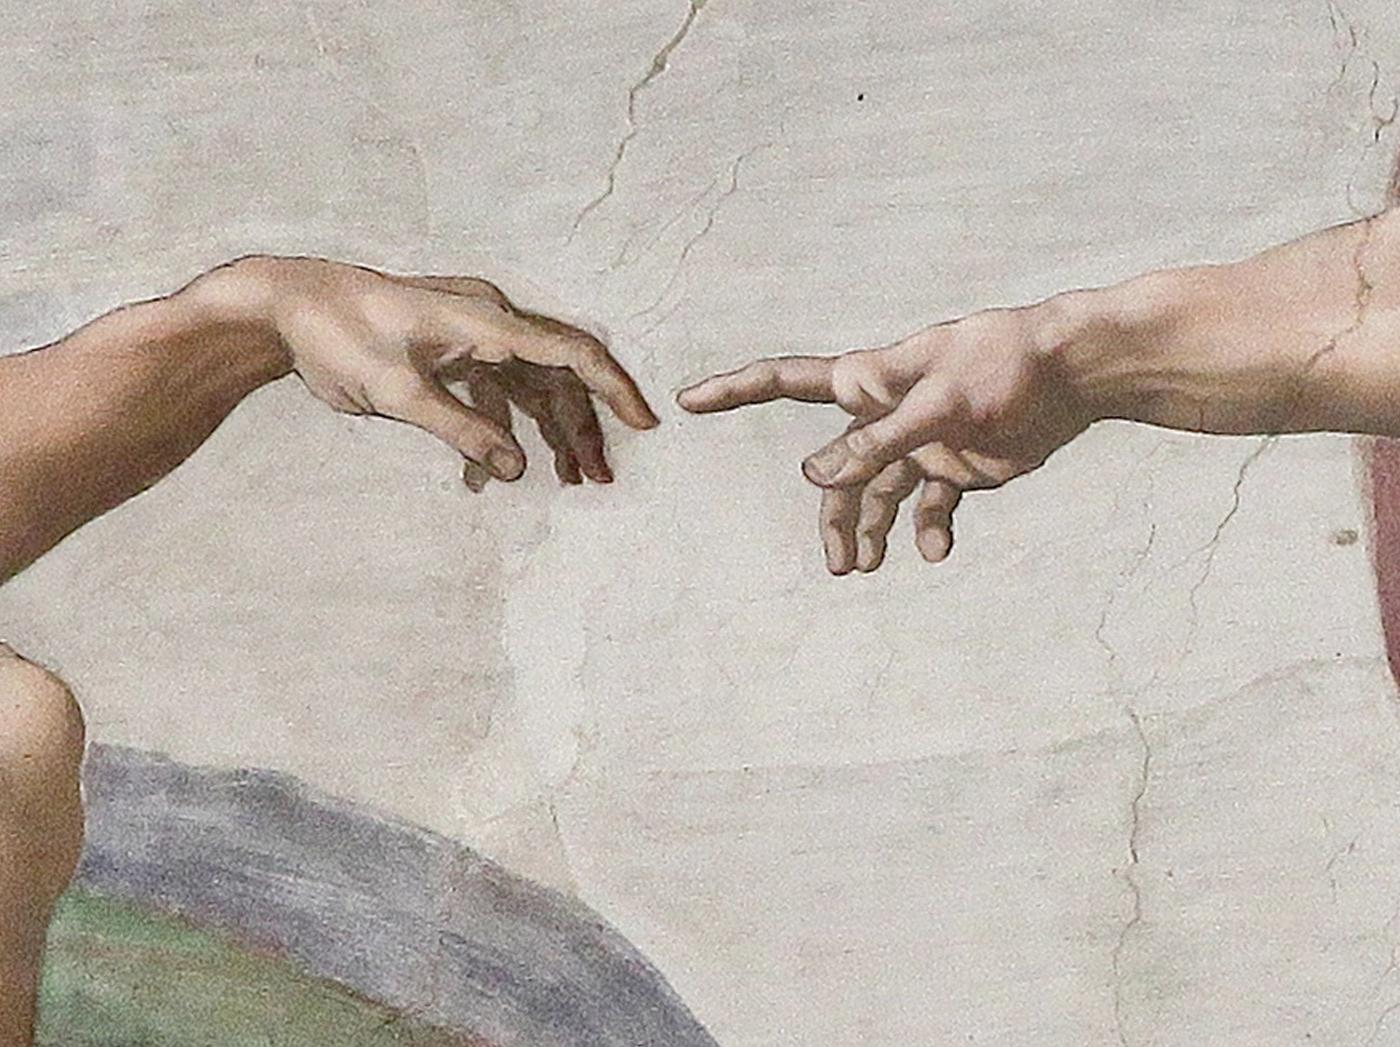 die sich berührenden Finger aus dem berühmten Michelangelo Gemälde